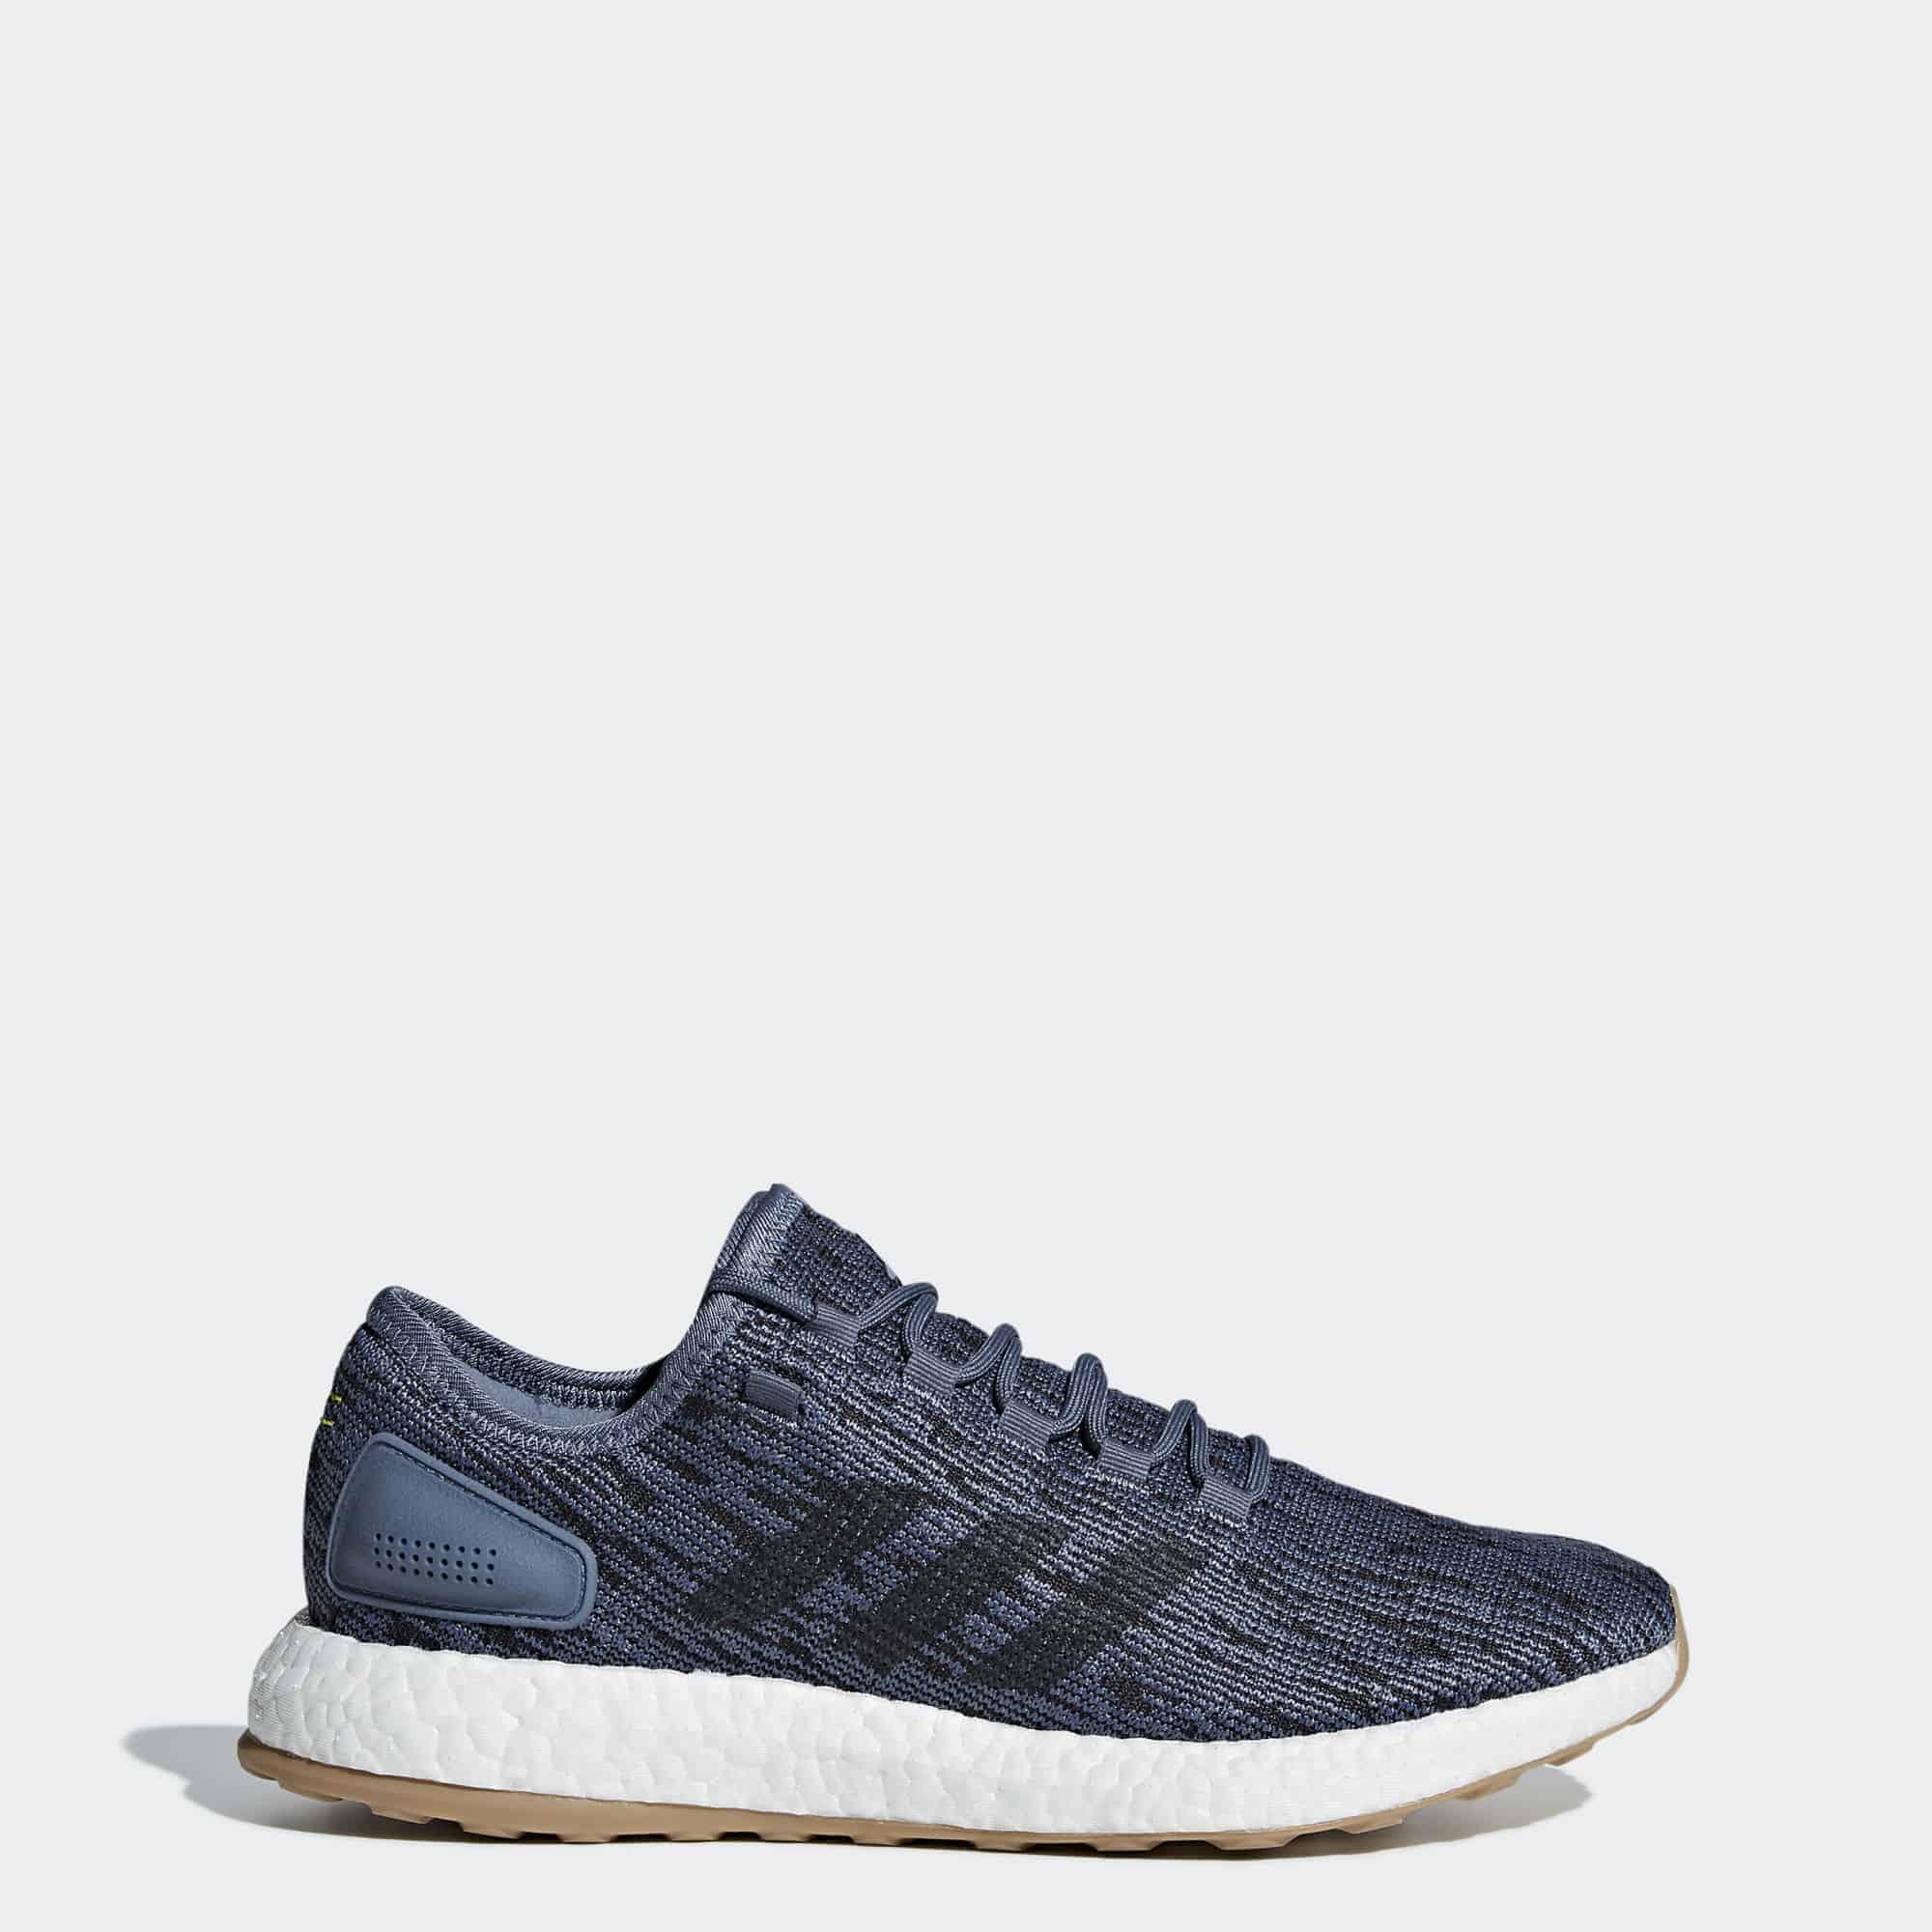 Кроссовки для бега Adidas Pureboost мужские